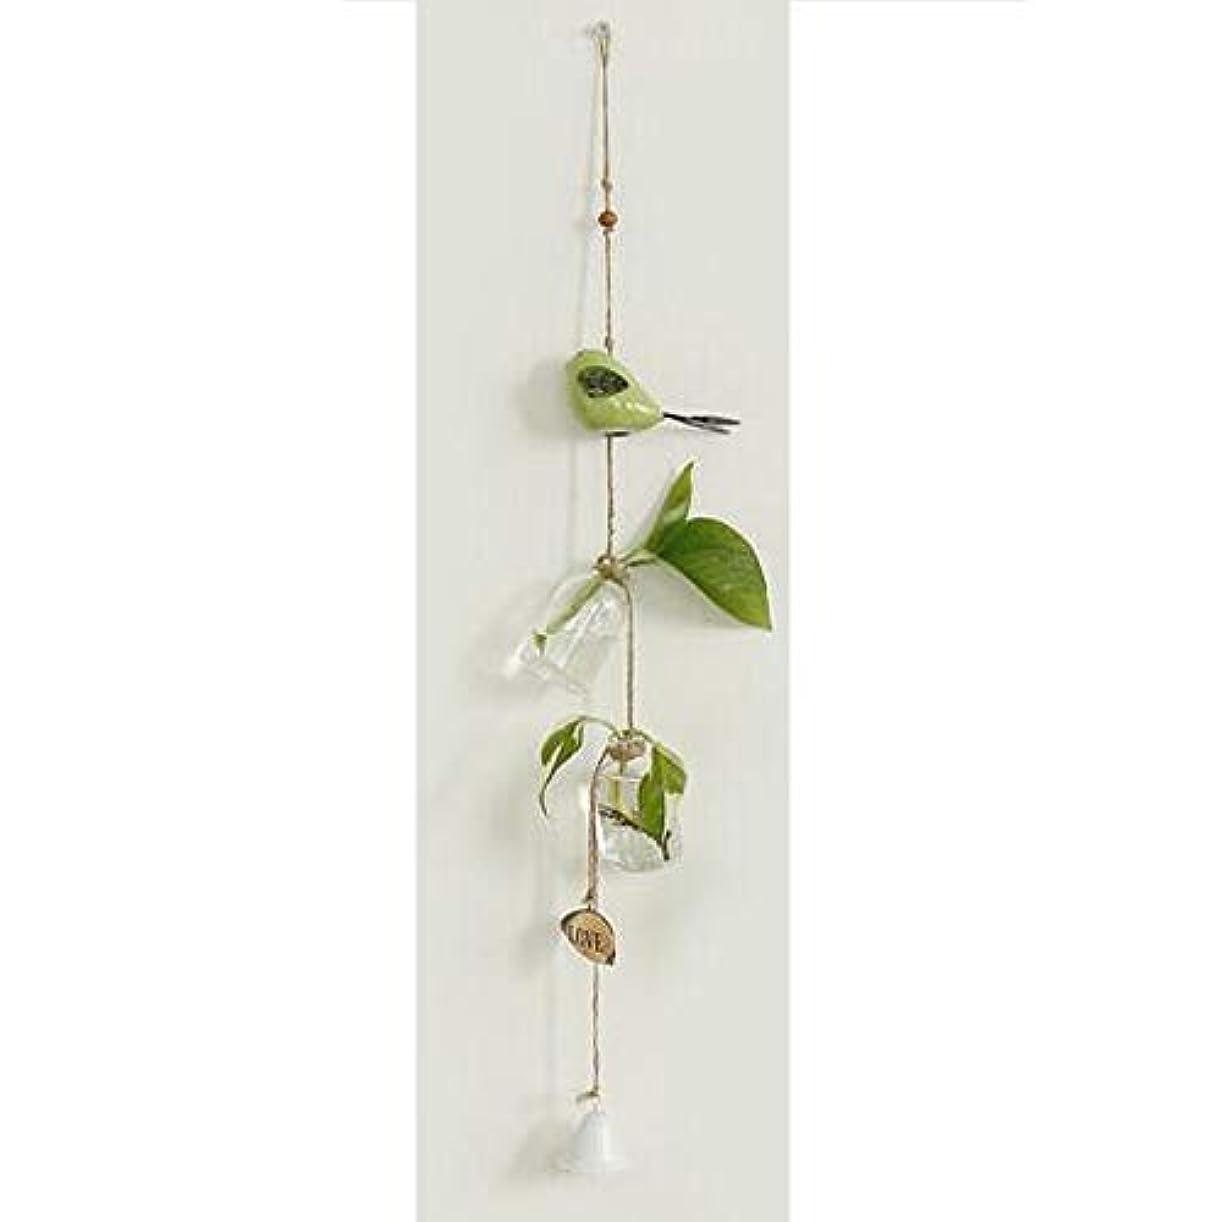 式大惨事志すQiyuezhuangshi 風チャイム、クリエイティブ?グラス風チャイム、白、ロープの長さ63センチメートルボトル(なし植物),美しいホリデーギフト (Color : Green)